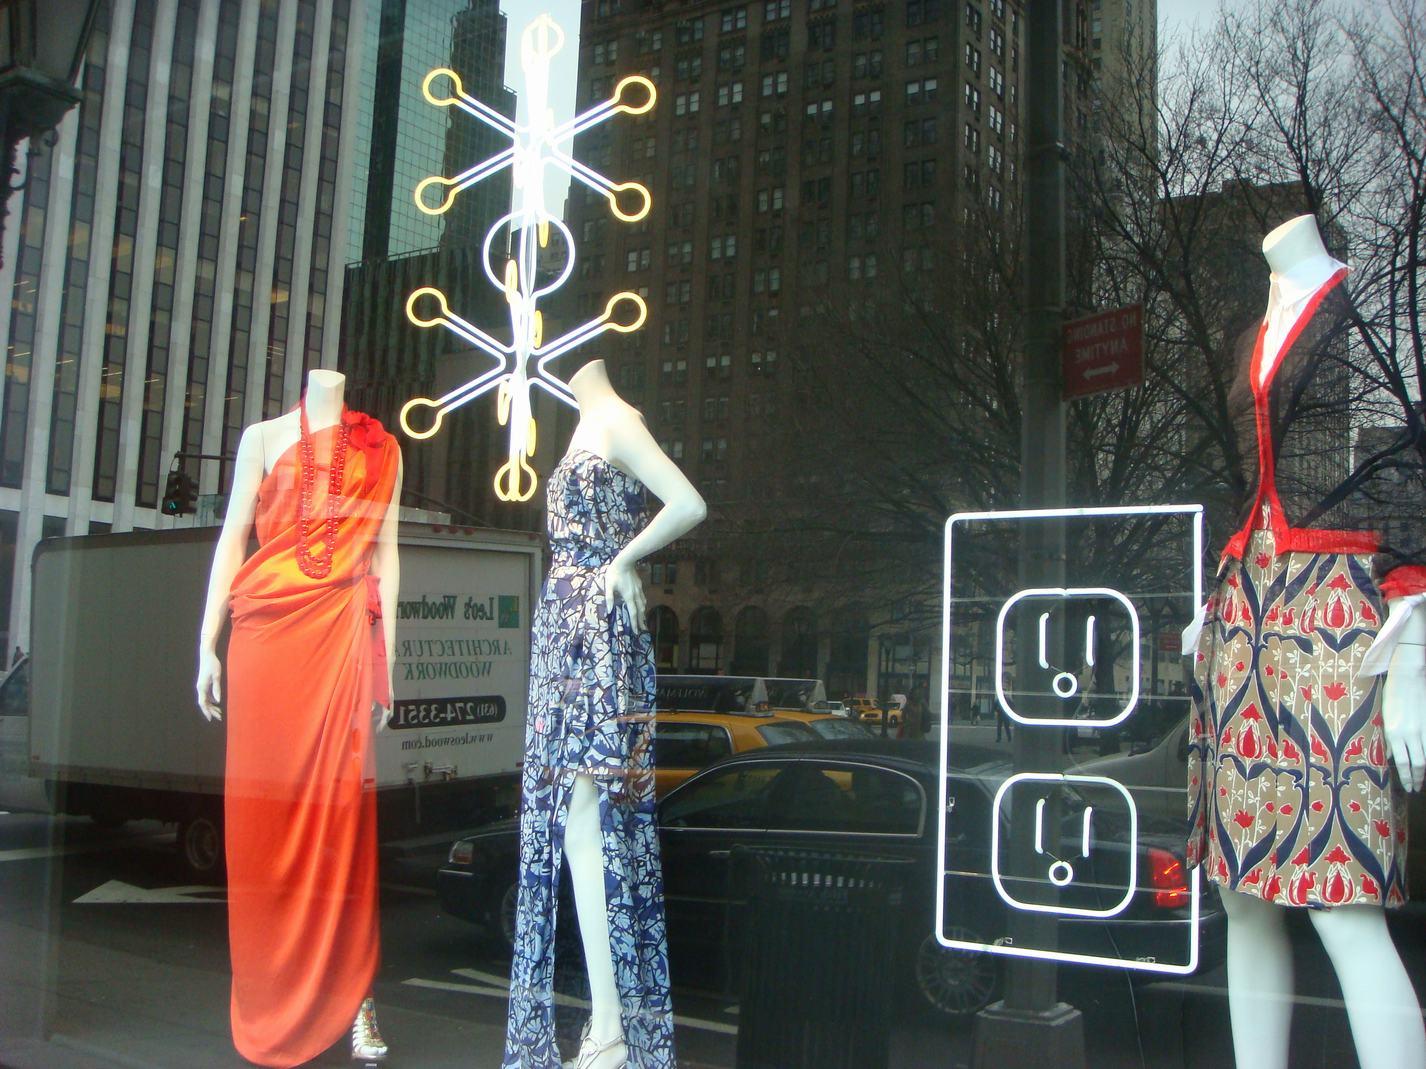 ニューヨークの街の中の散歩、_d0100880_23121440.jpg